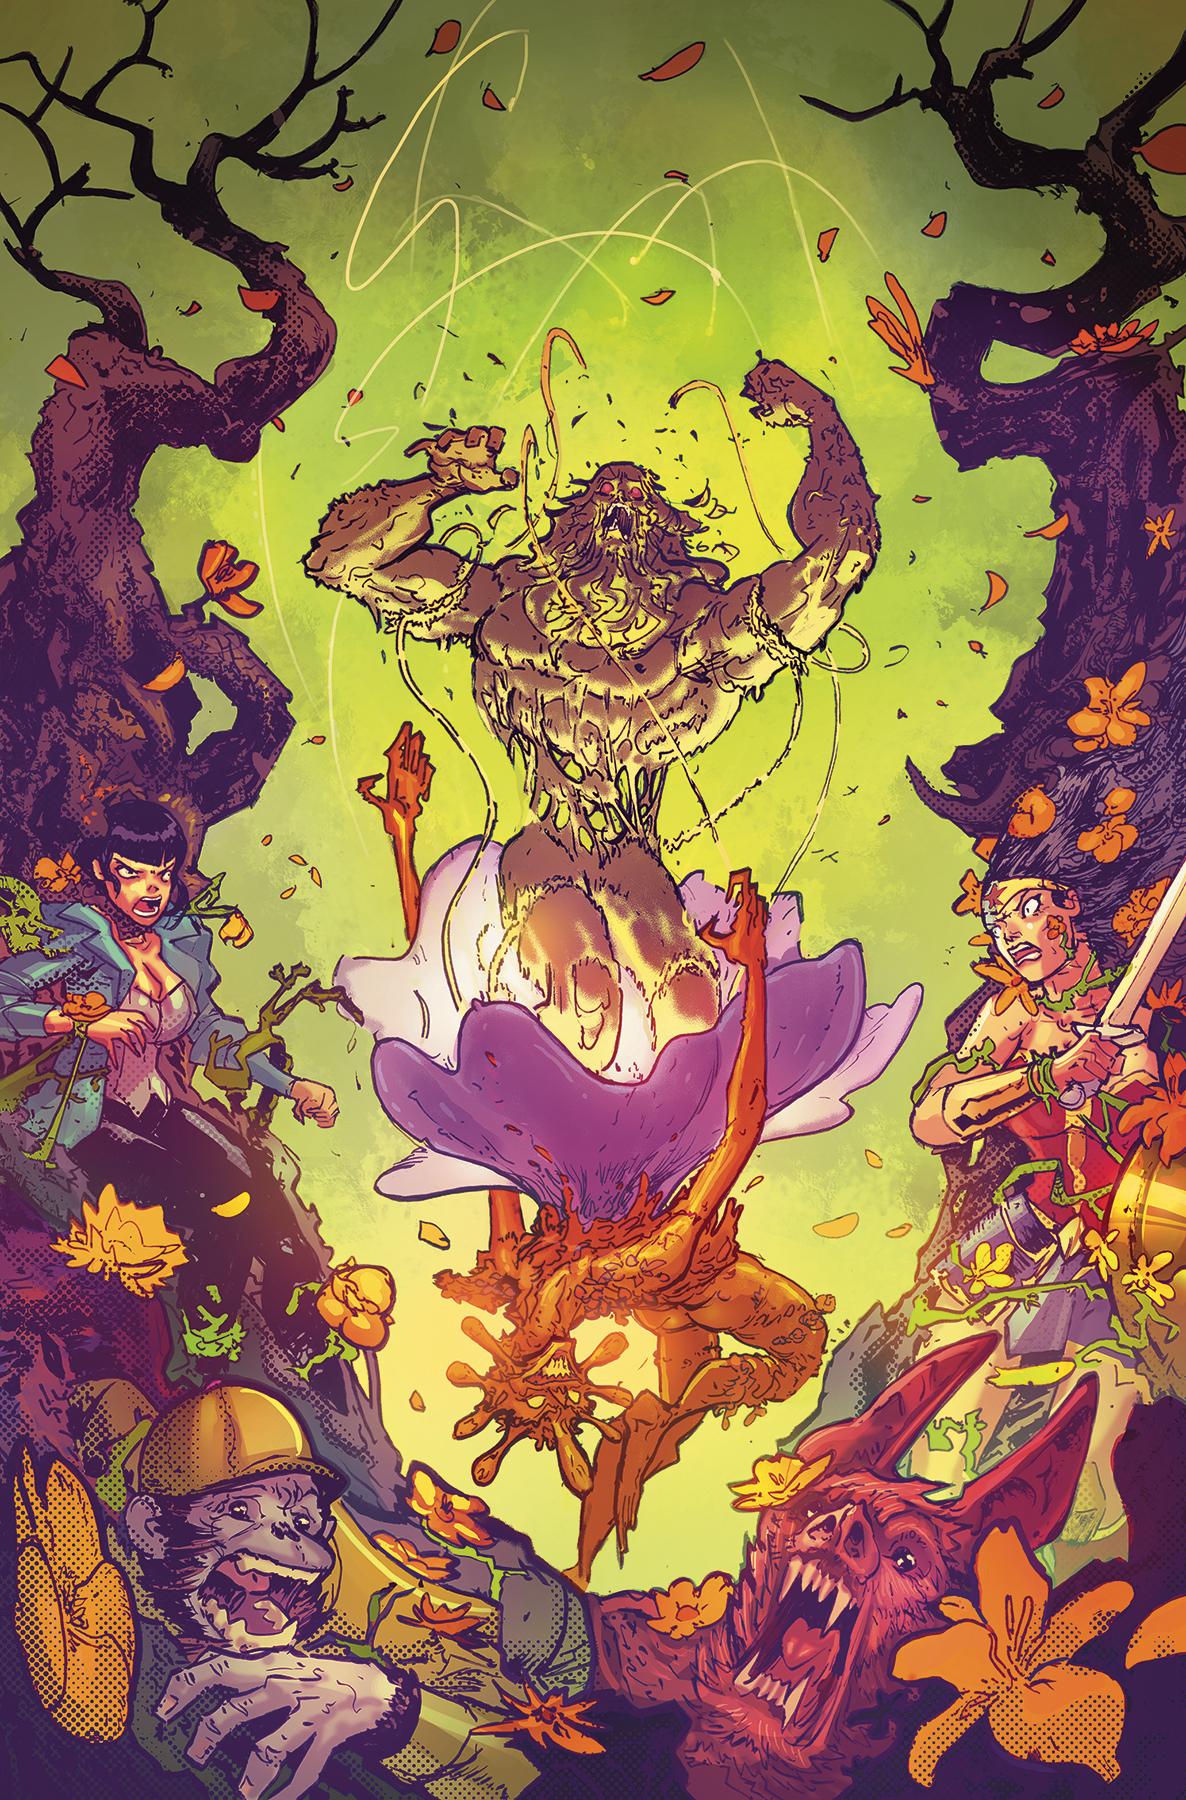 Justice League Dark Annual Vol 2 1 Textless.jpg